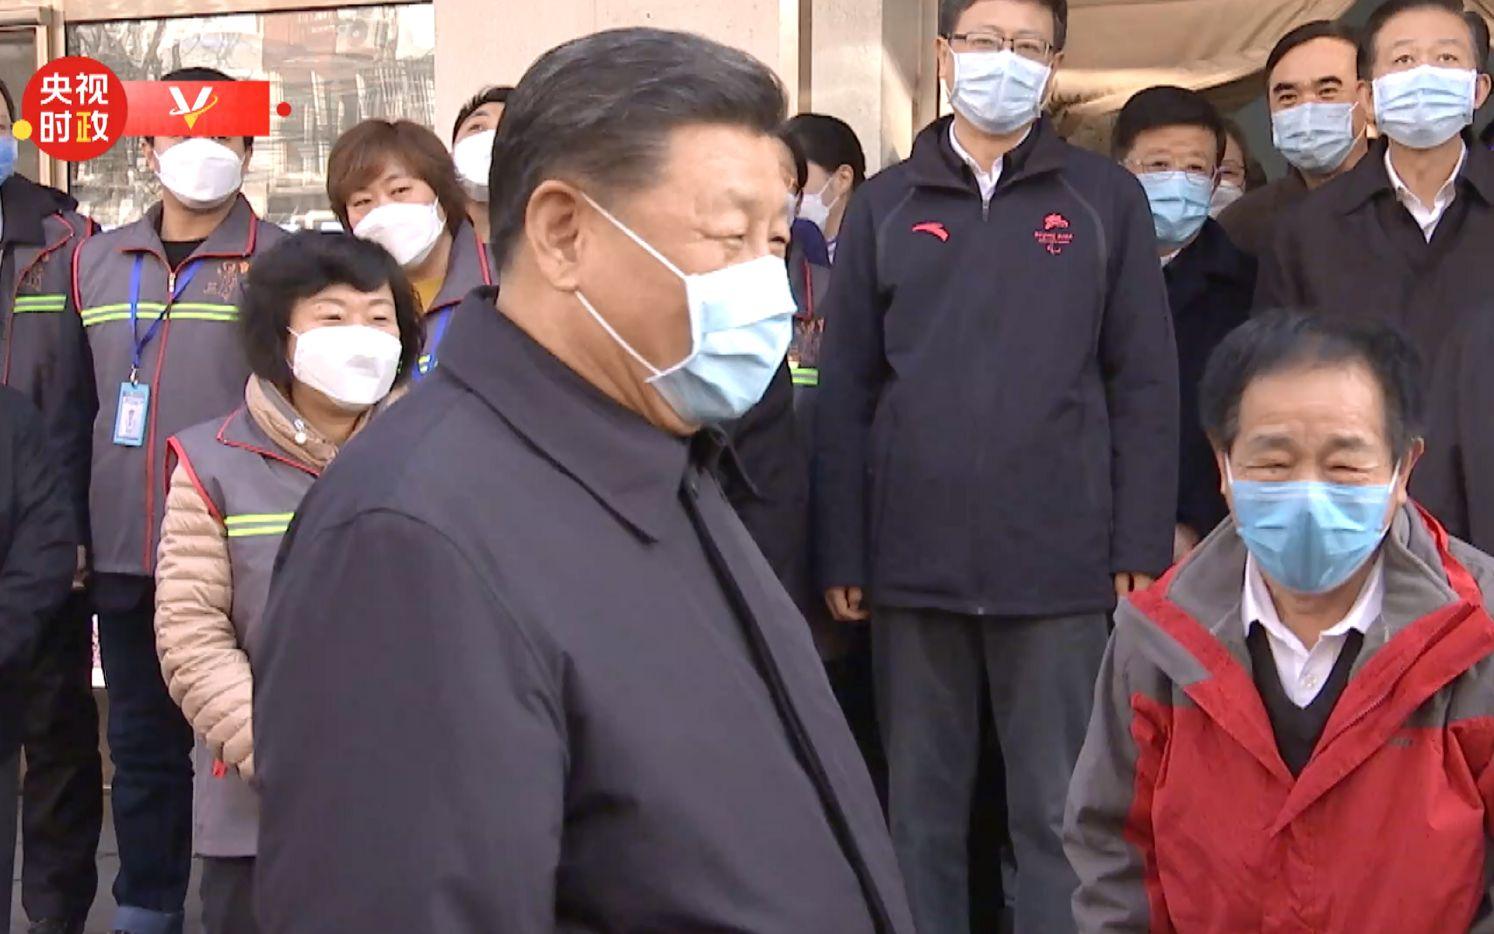 习近平:非常时期不握手了,但咱们一定能克服疫情!